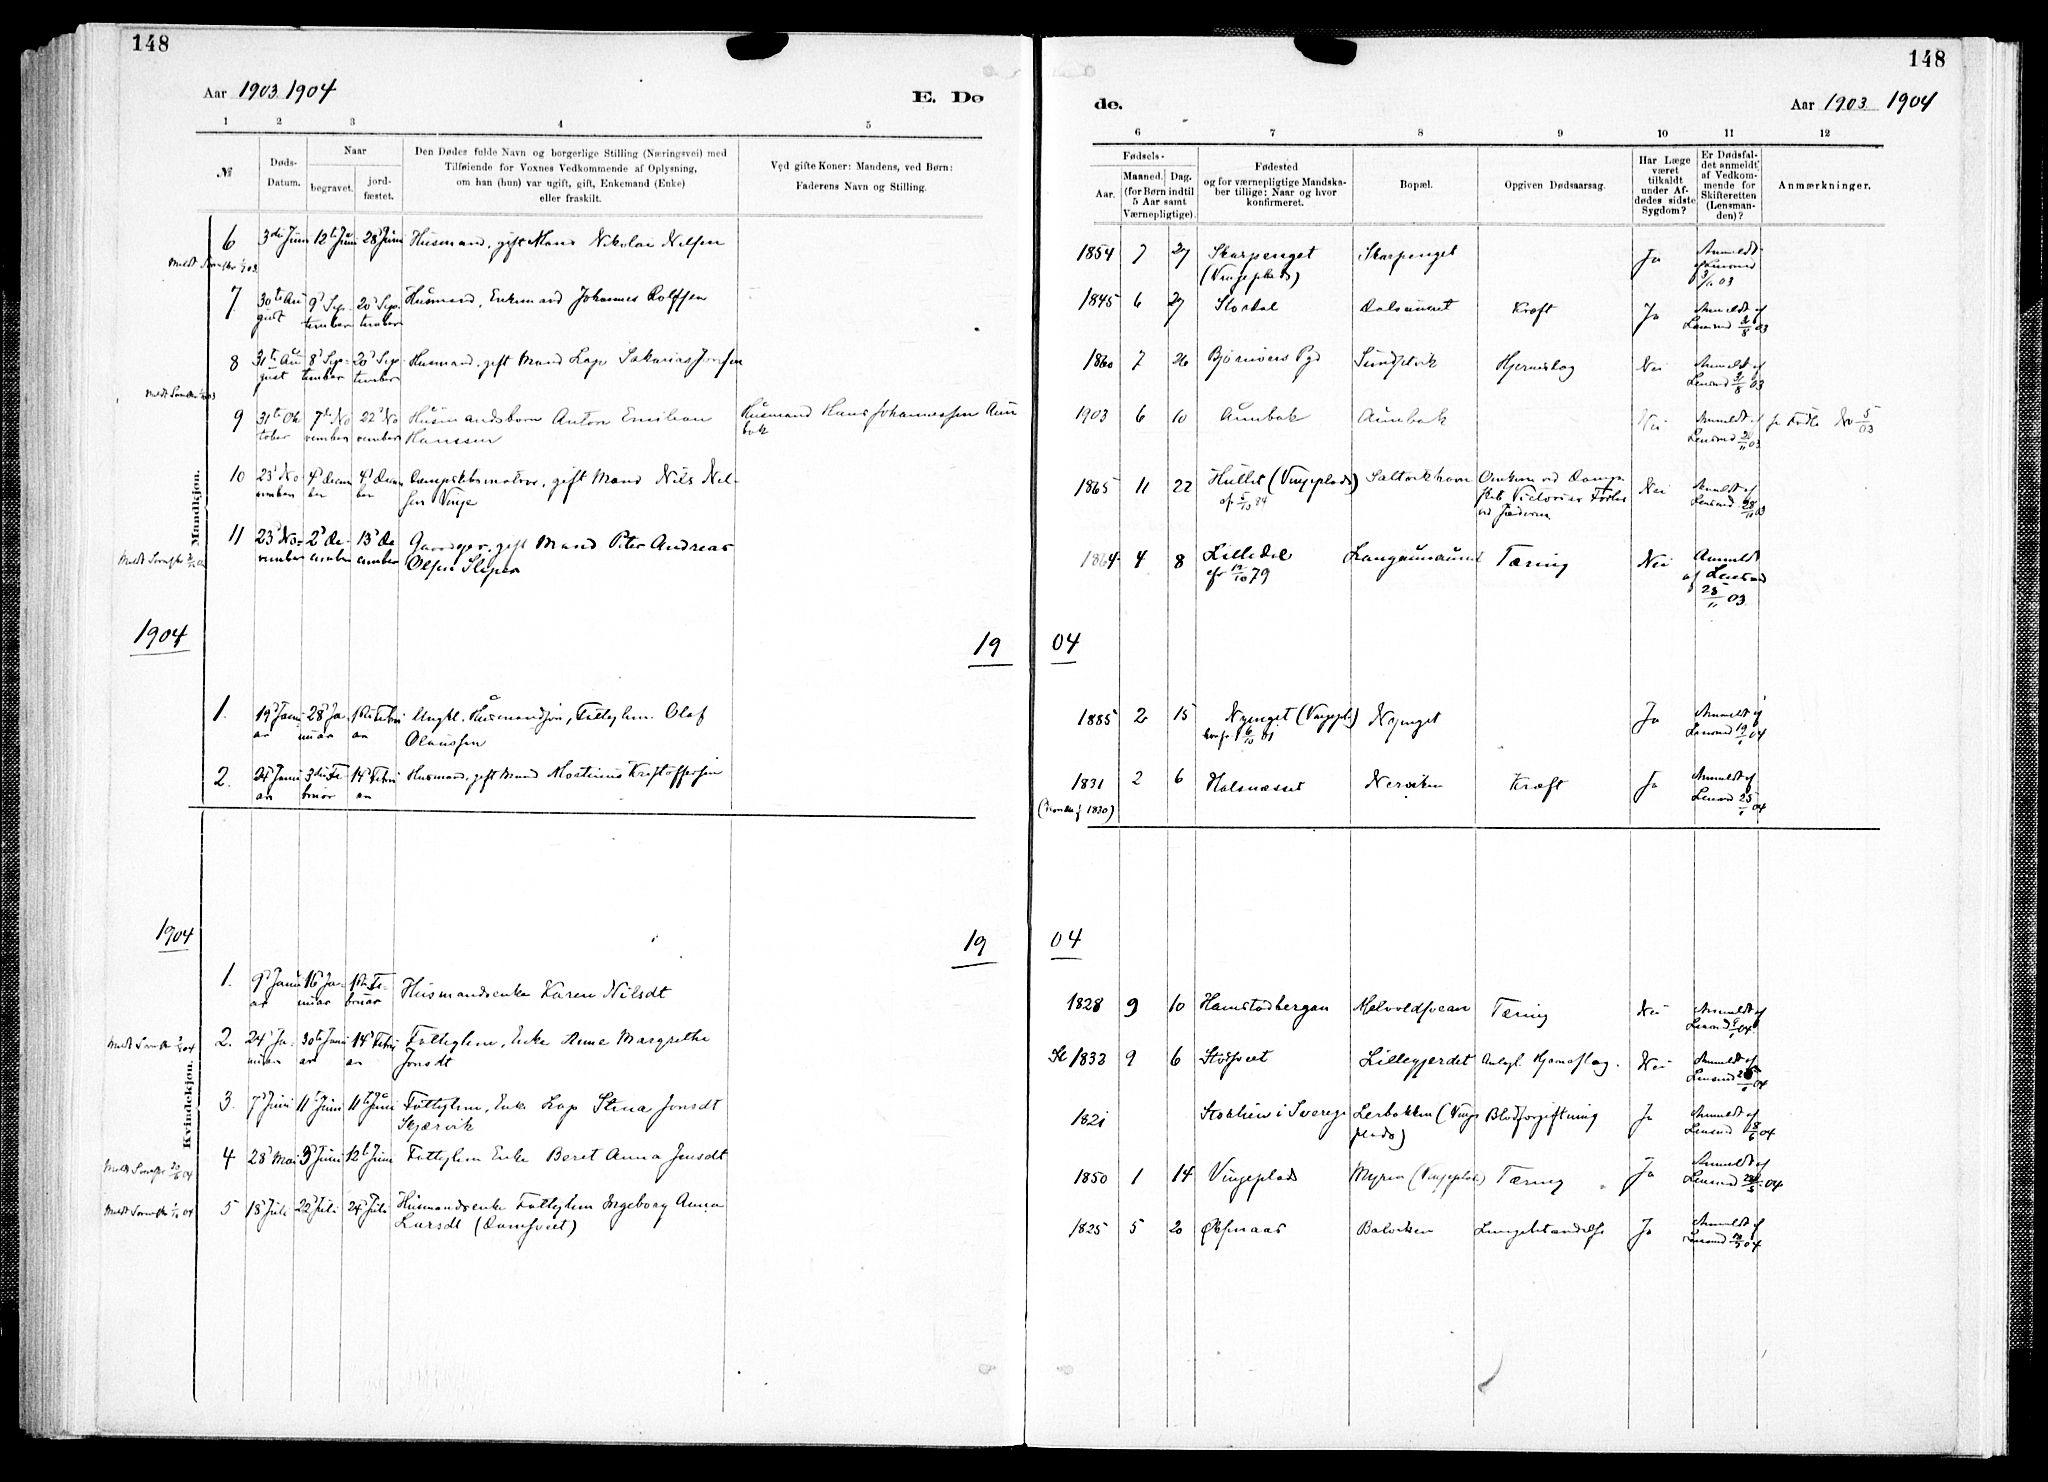 SAT, Ministerialprotokoller, klokkerbøker og fødselsregistre - Nord-Trøndelag, 733/L0325: Ministerialbok nr. 733A04, 1884-1908, s. 148